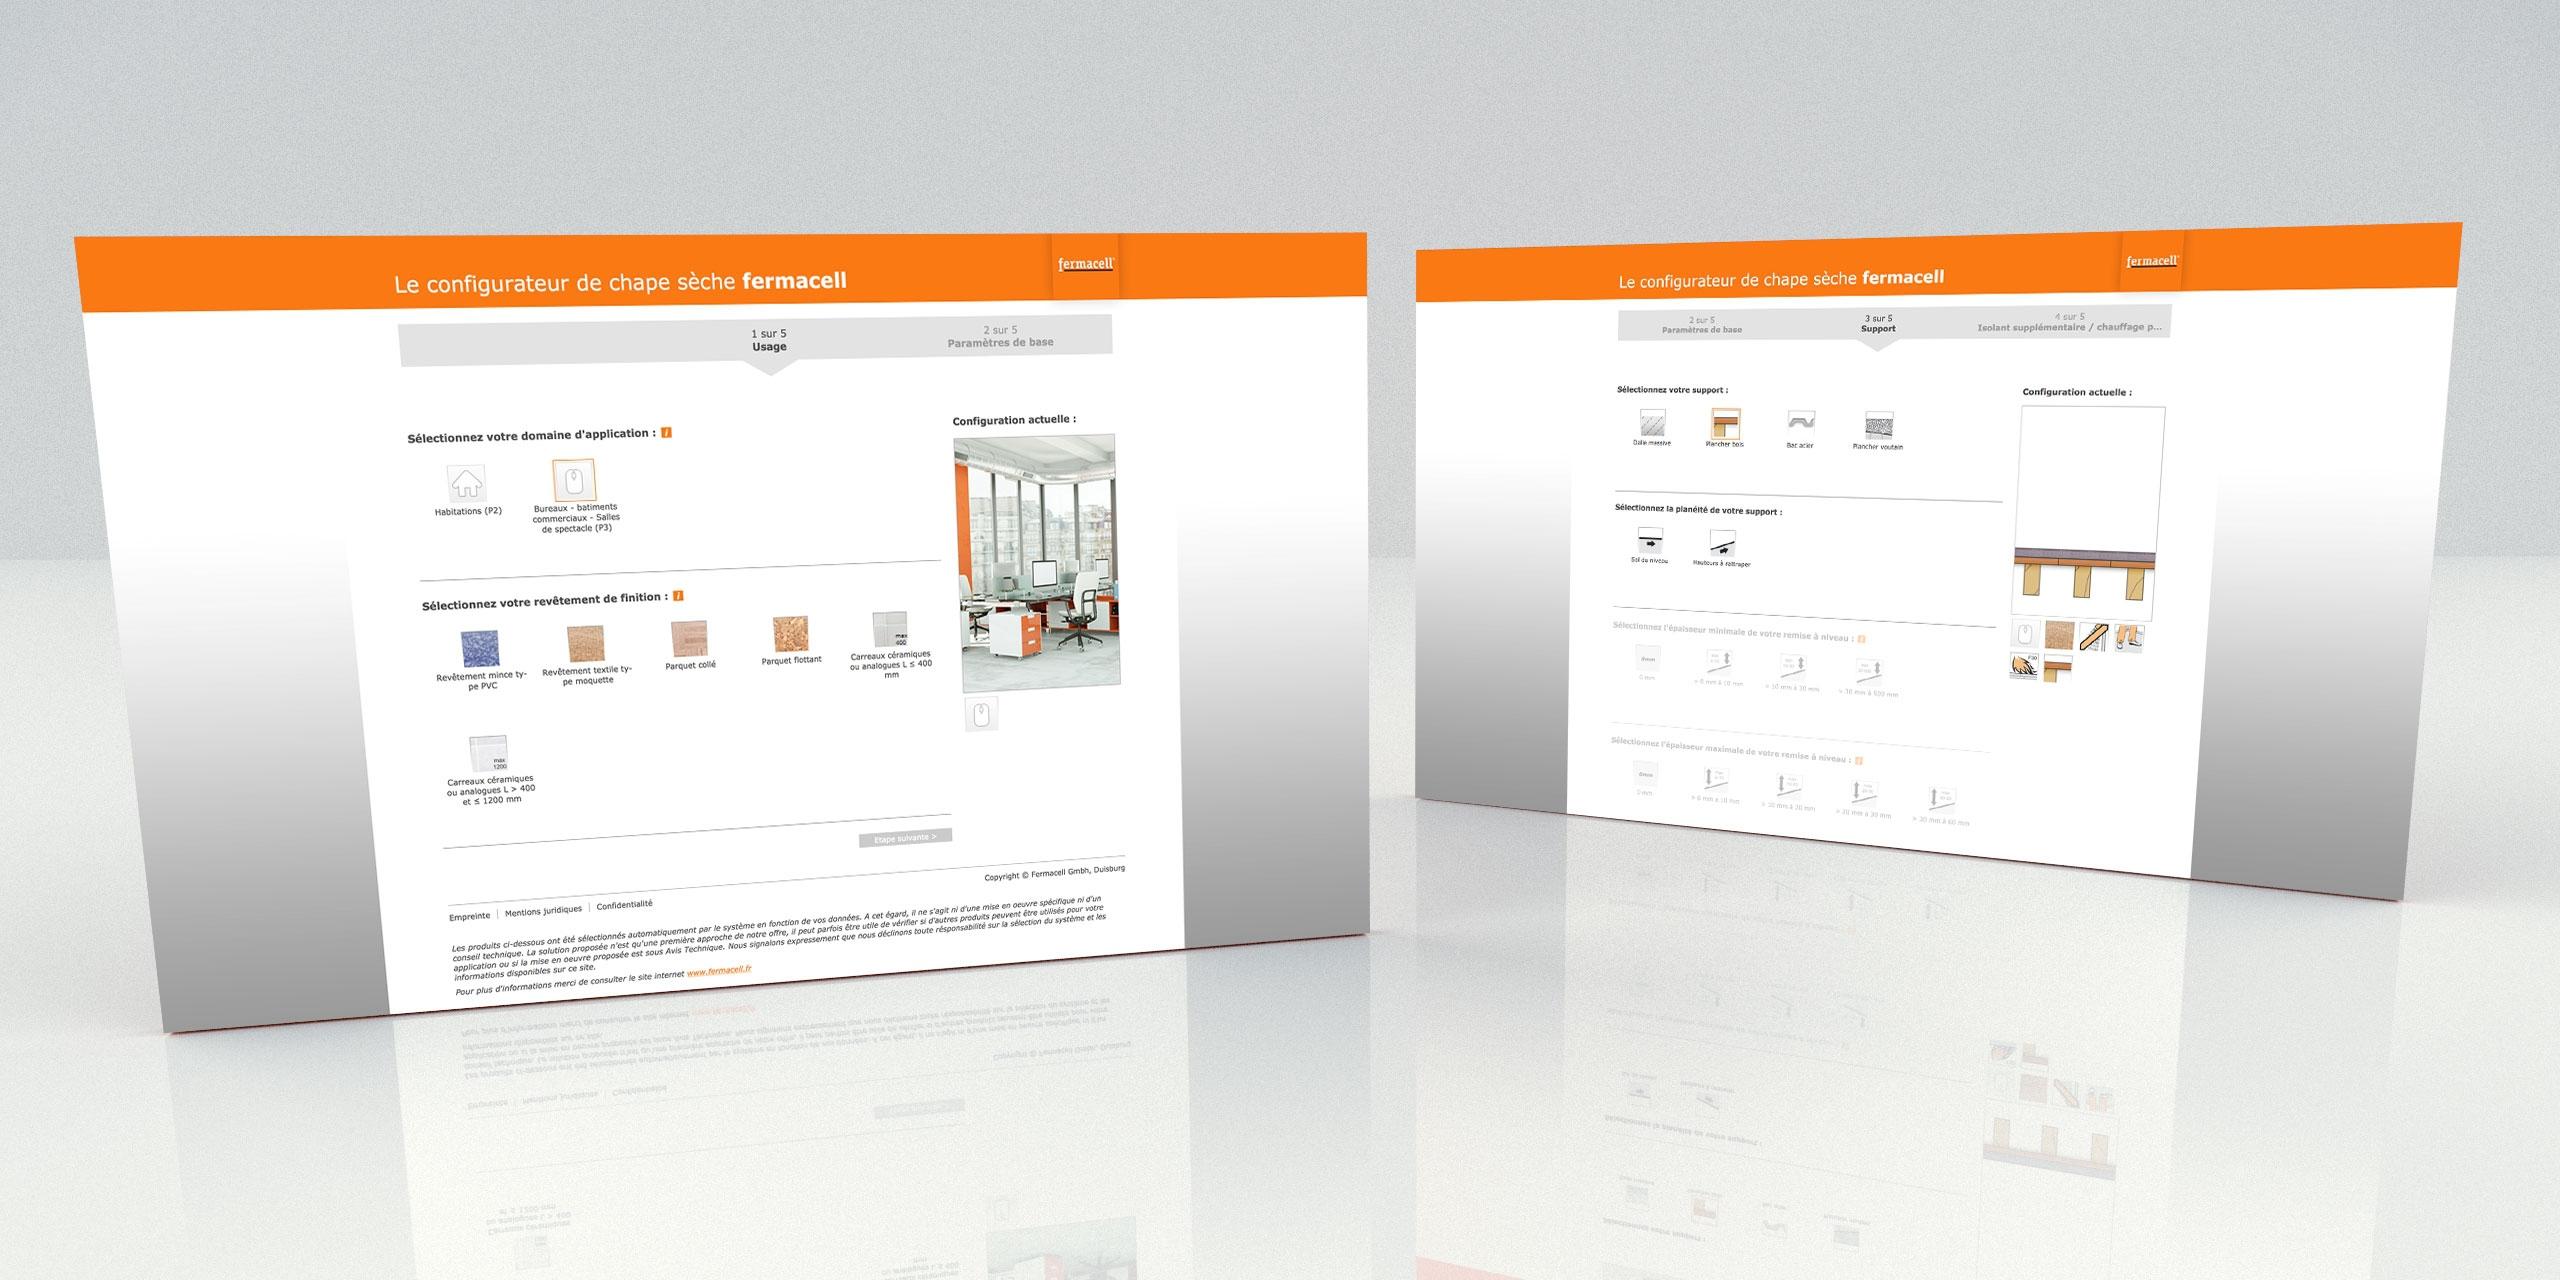 nouveau configurateur interactif de chape s che fermacell. Black Bedroom Furniture Sets. Home Design Ideas